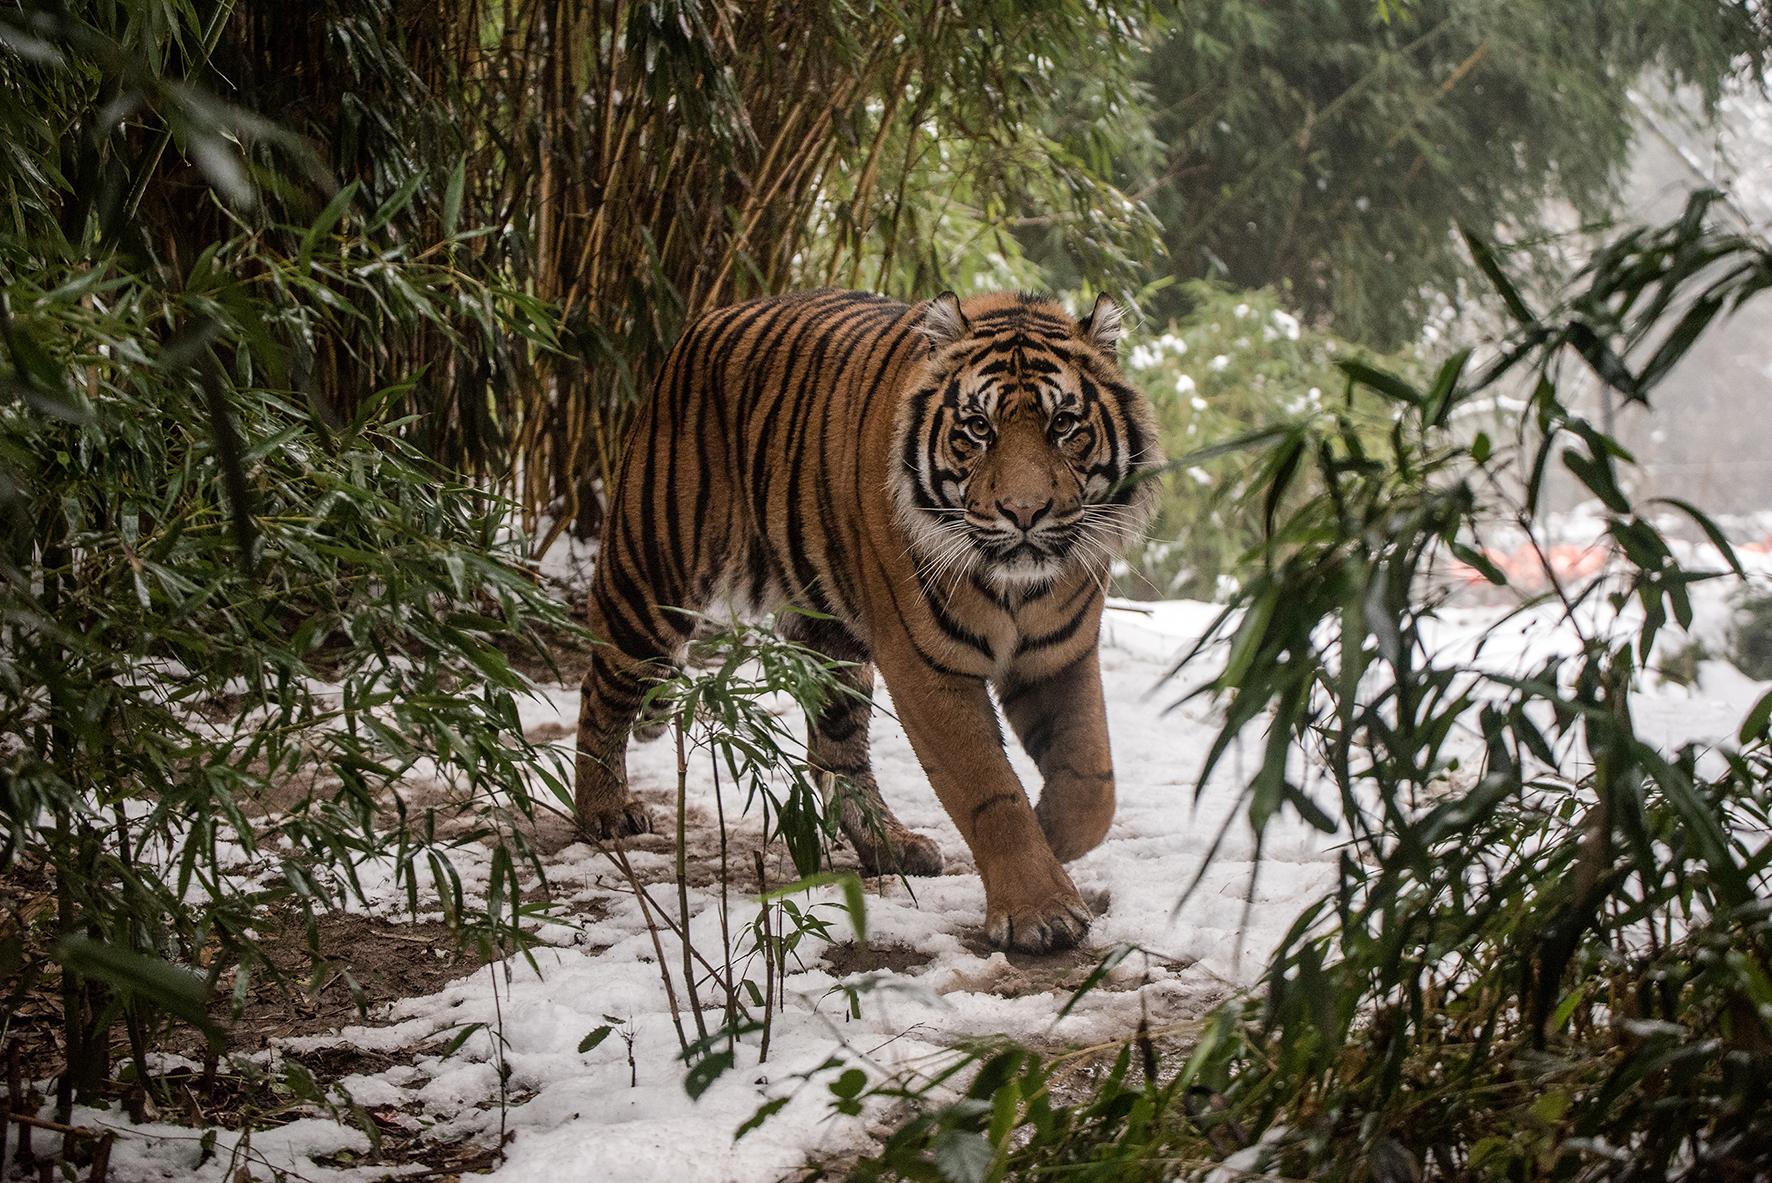 Sumatra-Tiger im Schnee - (Foto: Susi Fischer)